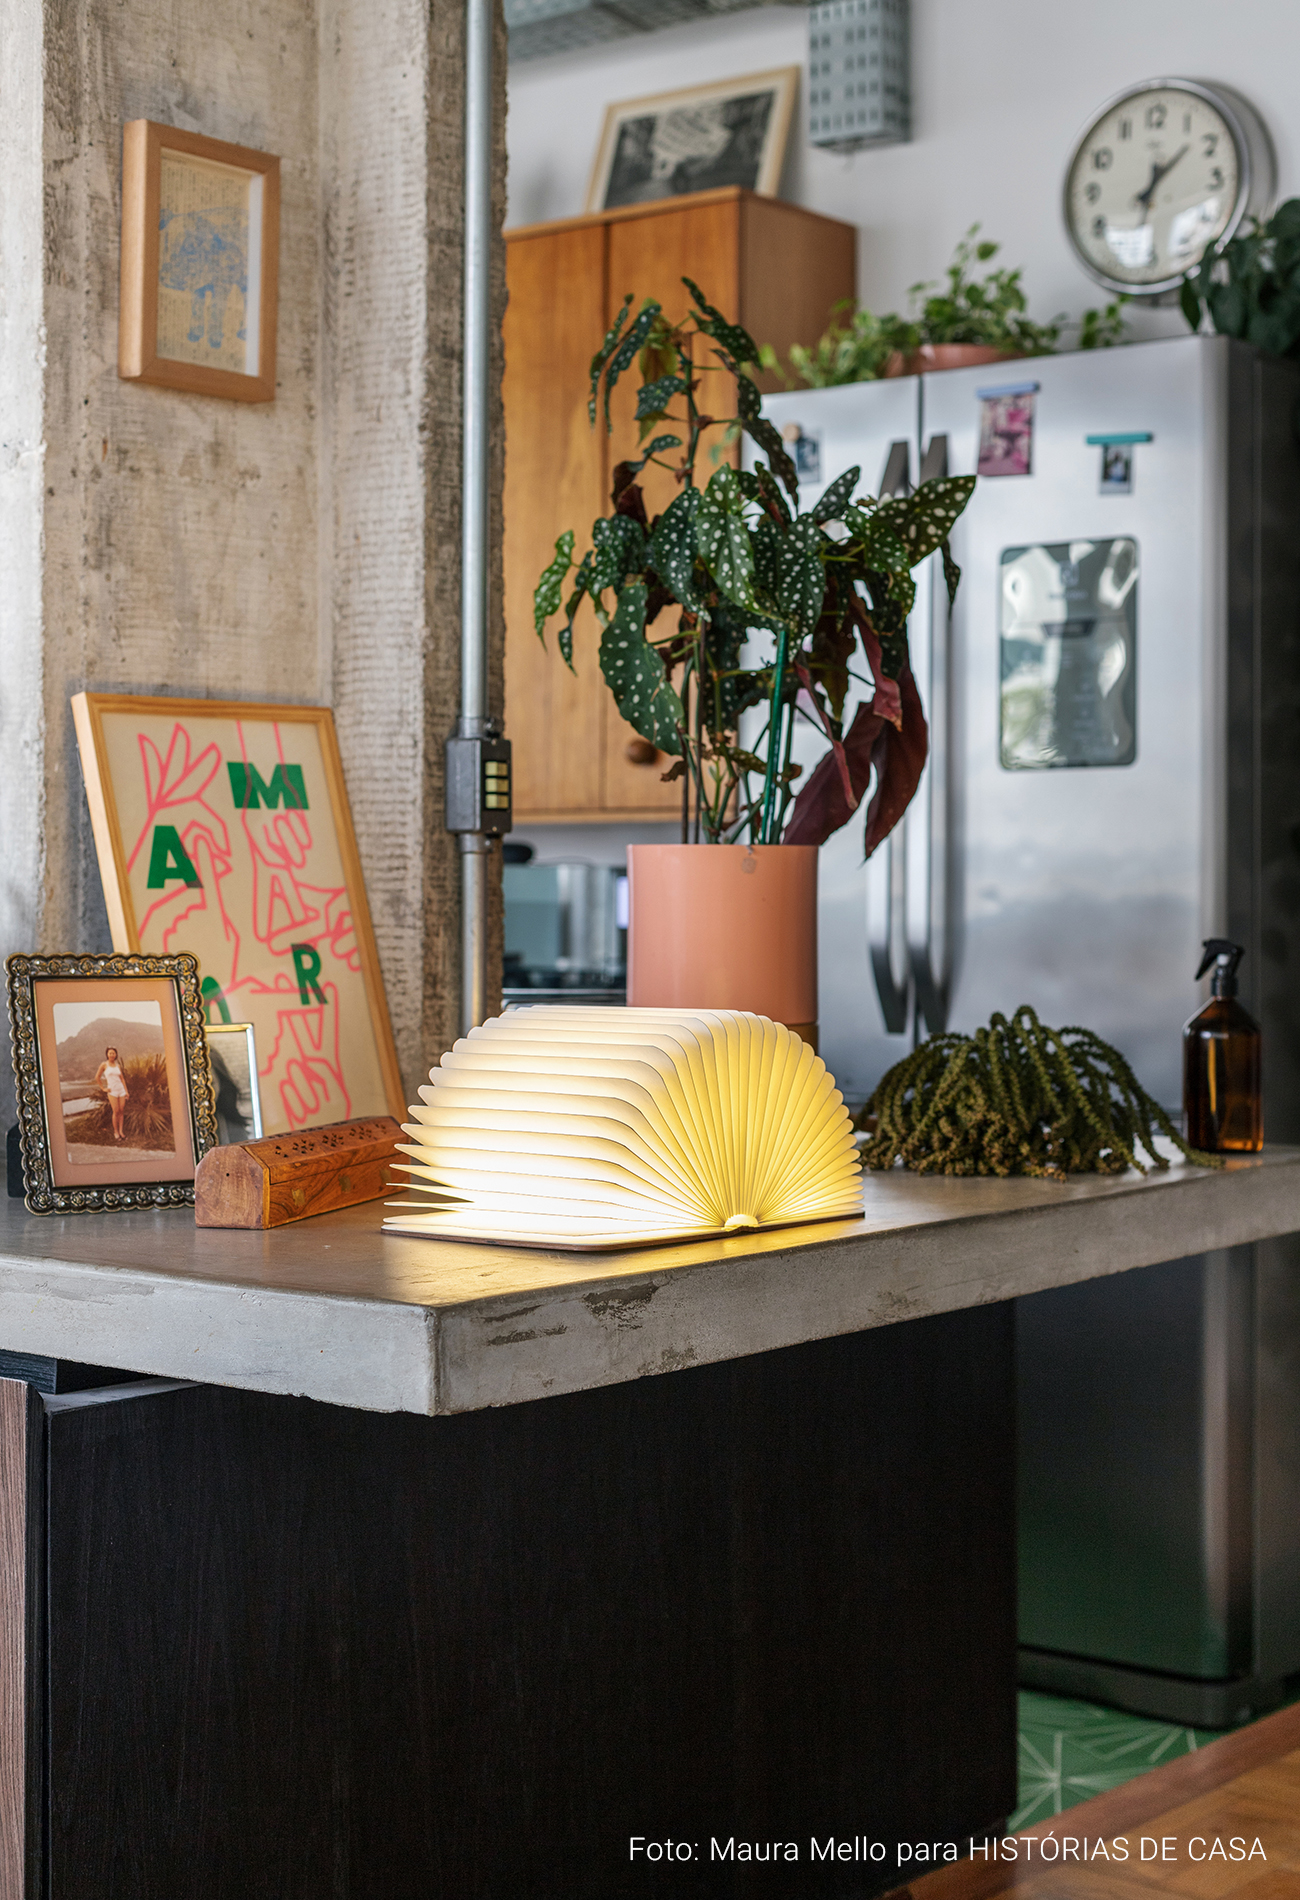 Apartamento com estilo industrial, cômodos integrados e muita iluminação natural